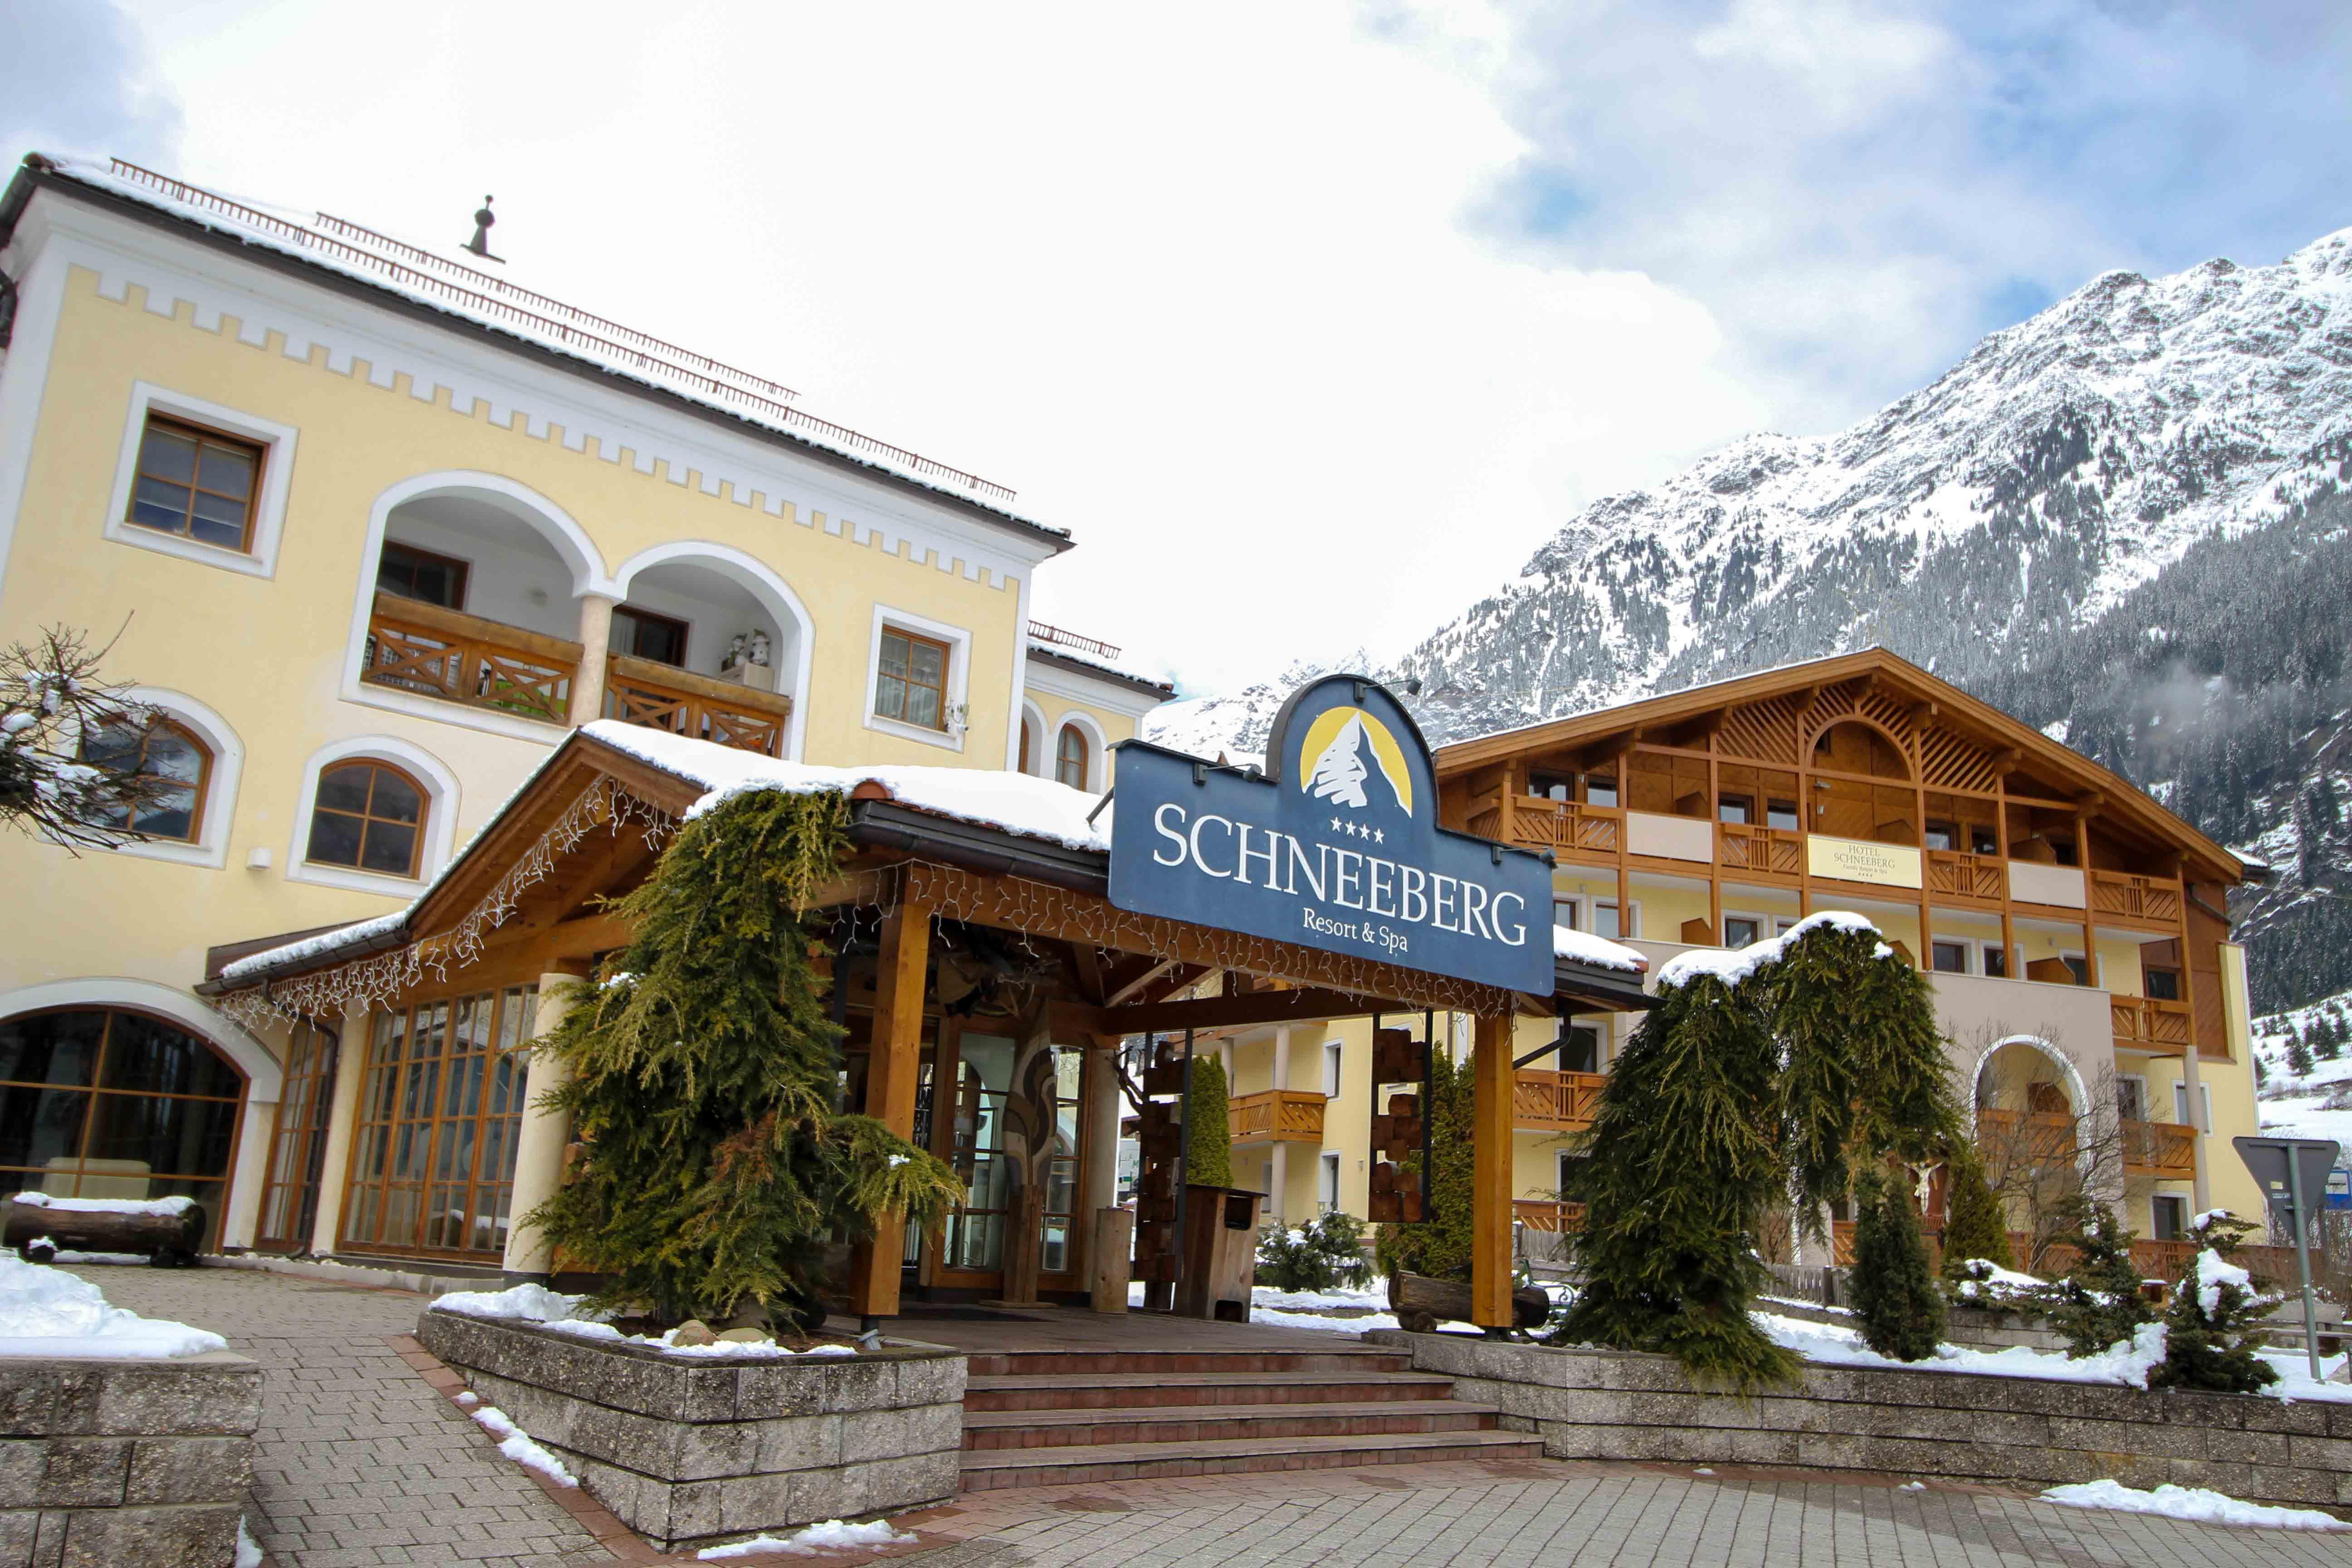 Südtirol Hotel Schneeberg Italien Wellnesshotel Reiseblog Wellnessurlaub Kurzurlaub Hotelempfehlung Skiurlaub Winterurlaub Berge